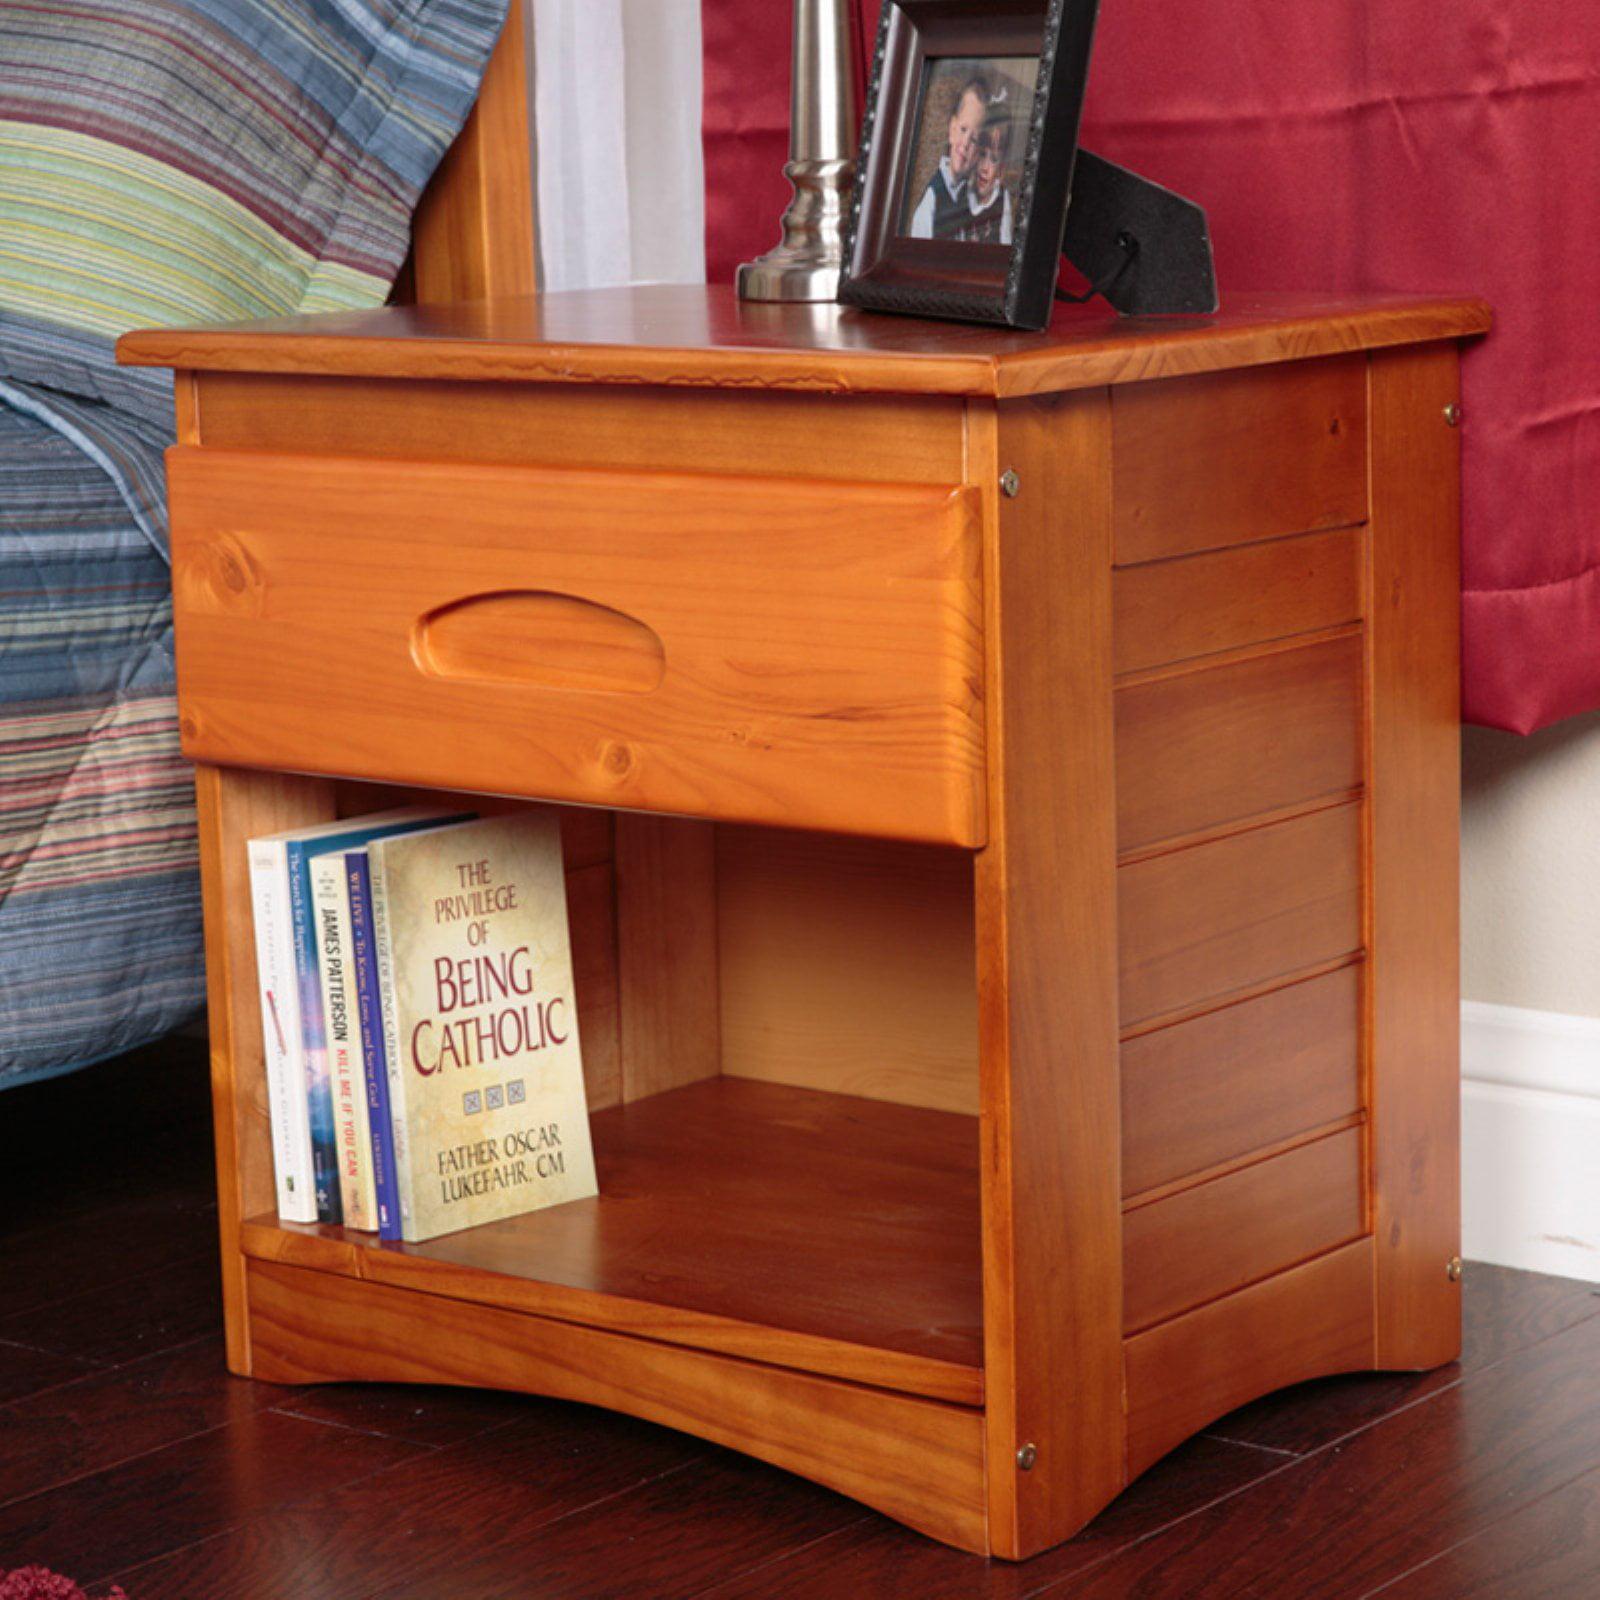 American Furniture Classics 1-Drawer Nightstand, Honey Finish